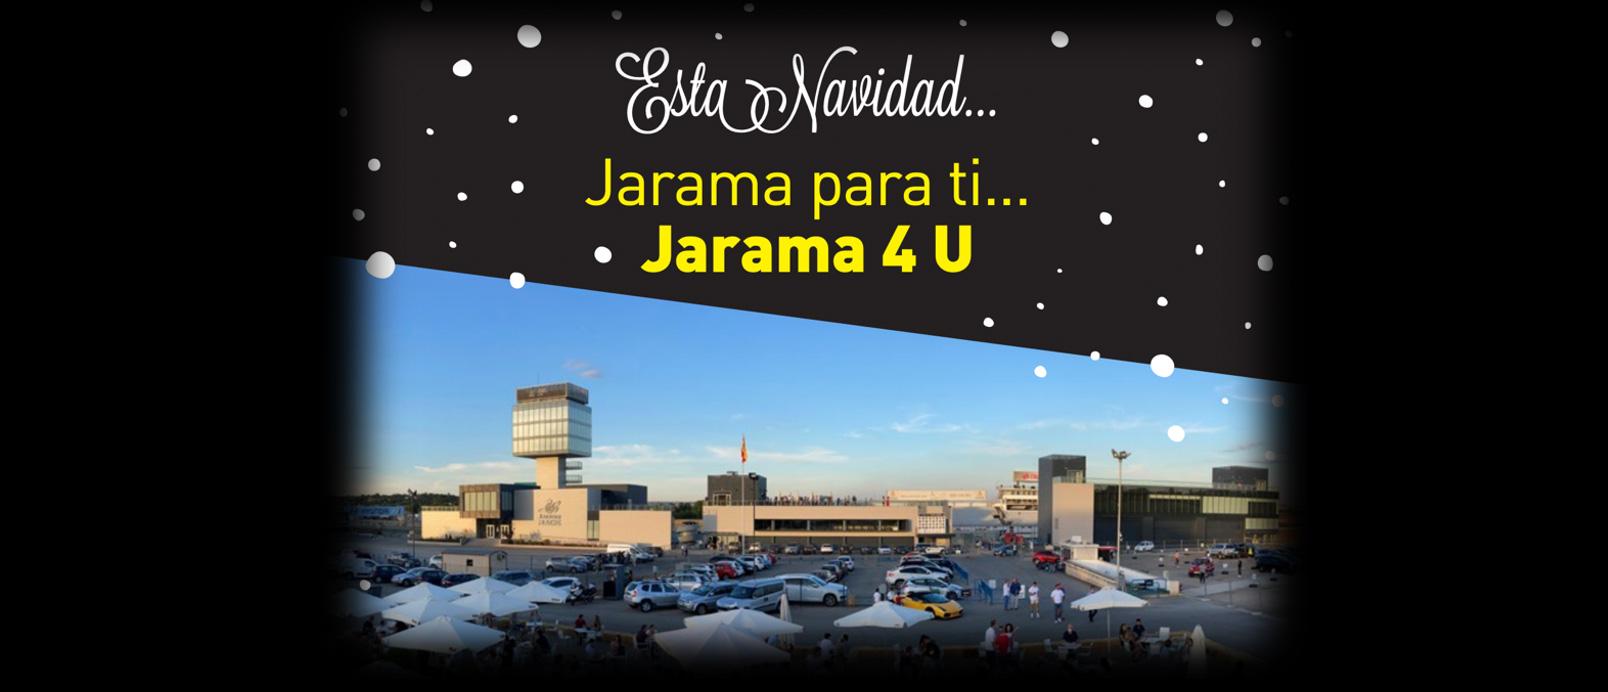 El Circuito del Jarama – RACE  se convierte estas Navidades en un gran parque de atracciones del motor